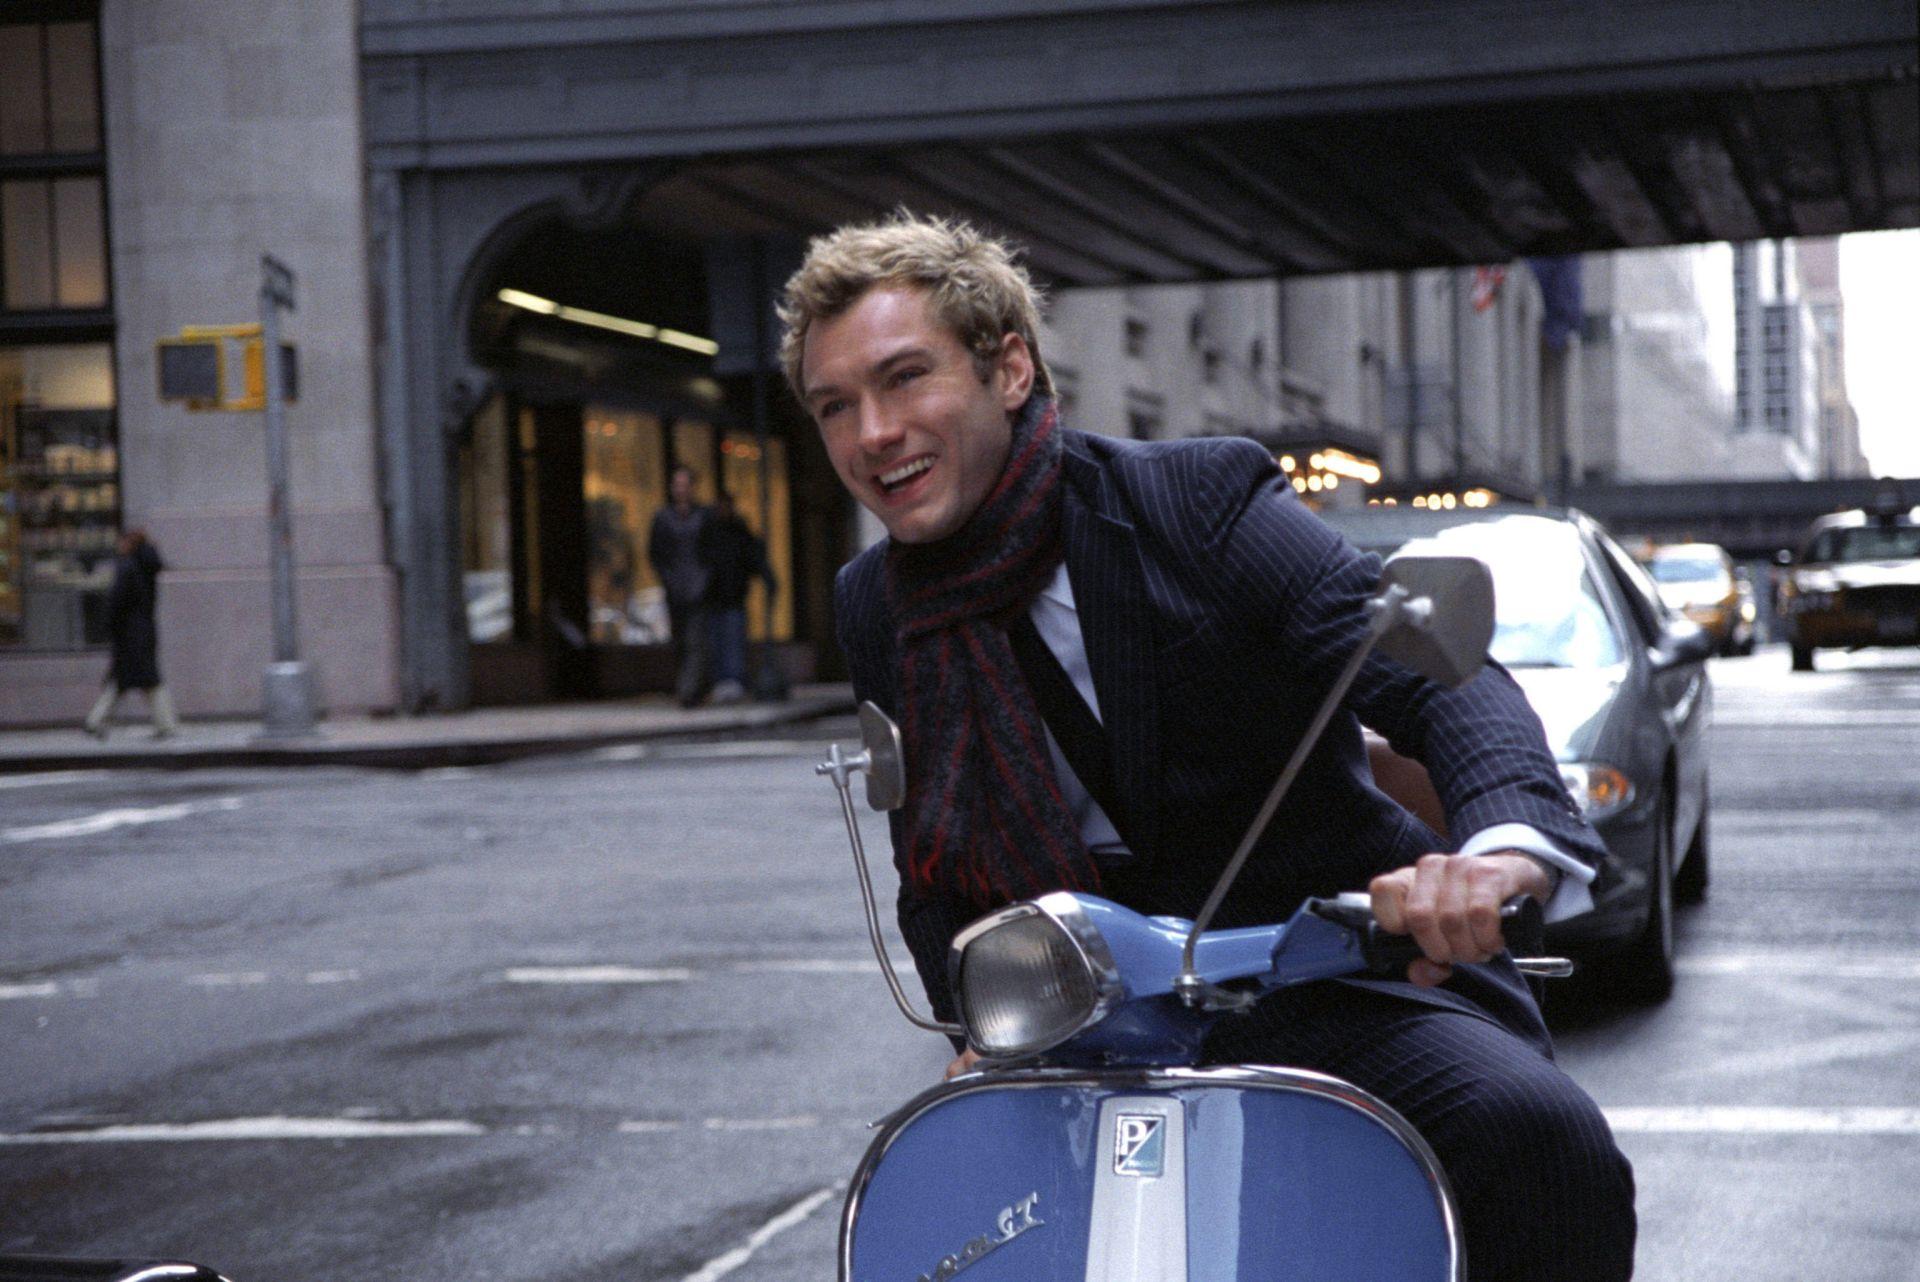 Vespa, lo scooter più famoso del mondo, sarà protagonista ai Nastri d'Argento di Taormina